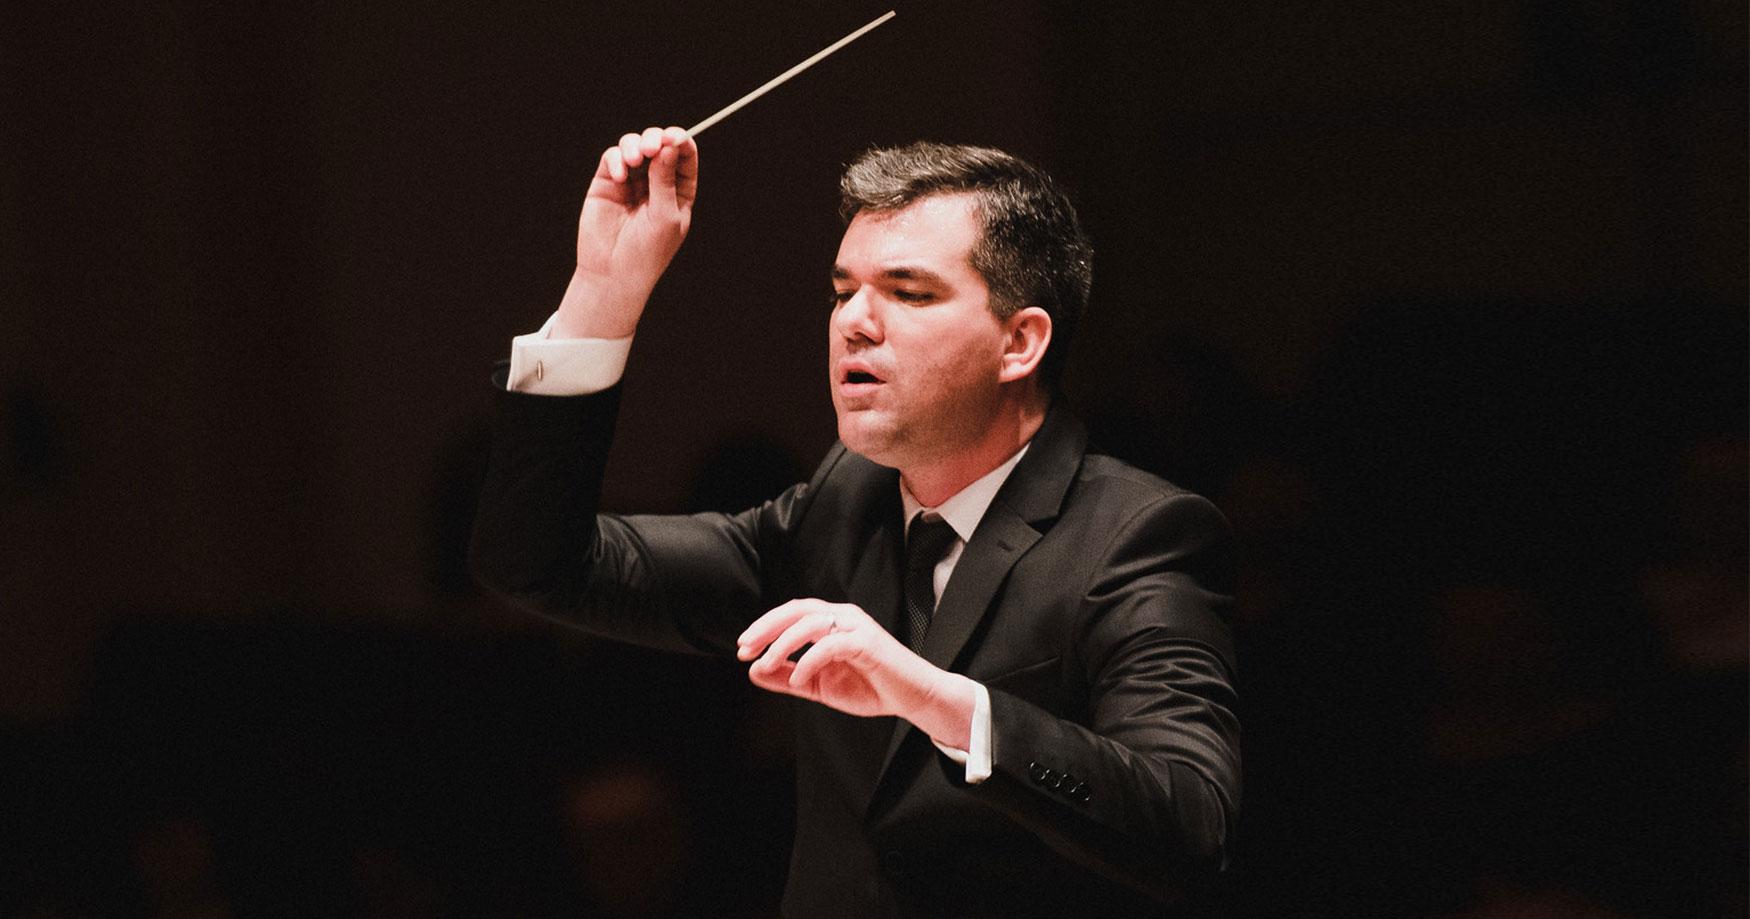 Miran Vaupotic Conductor